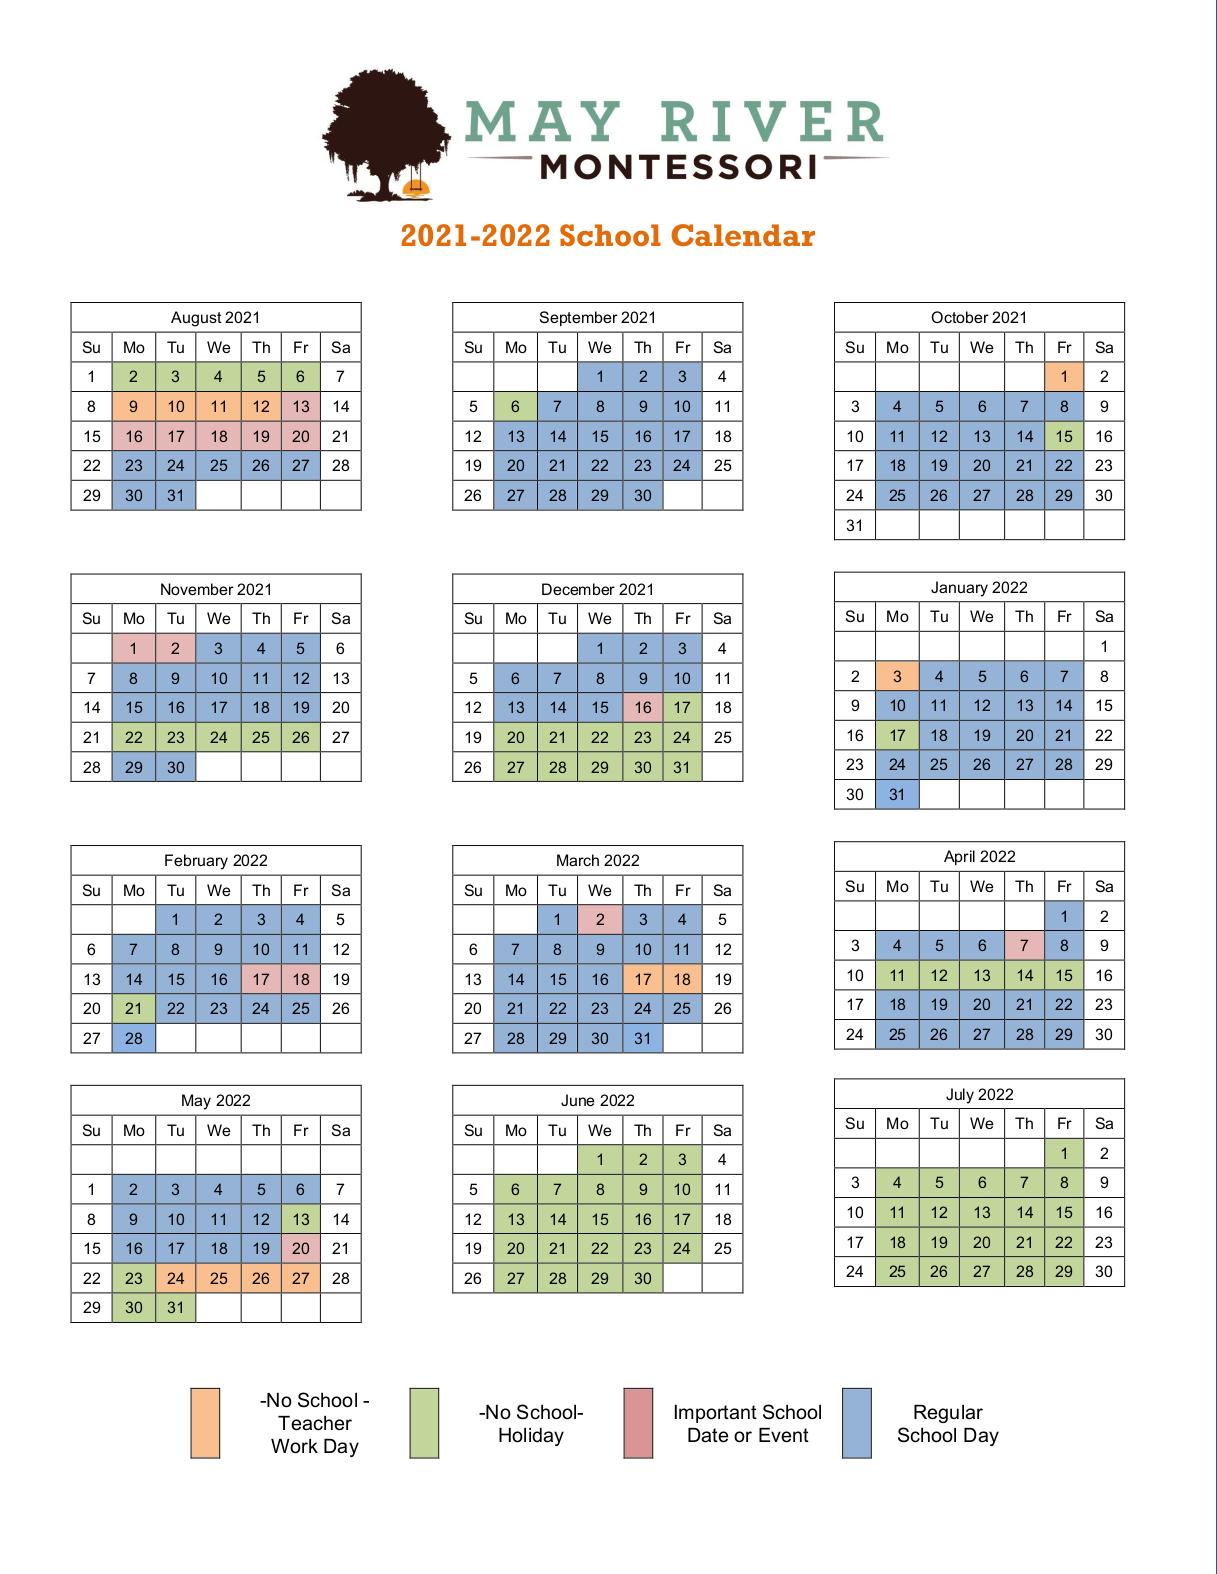 mayrivermontessori.com-calendar_2021_2022-pg1-20210316